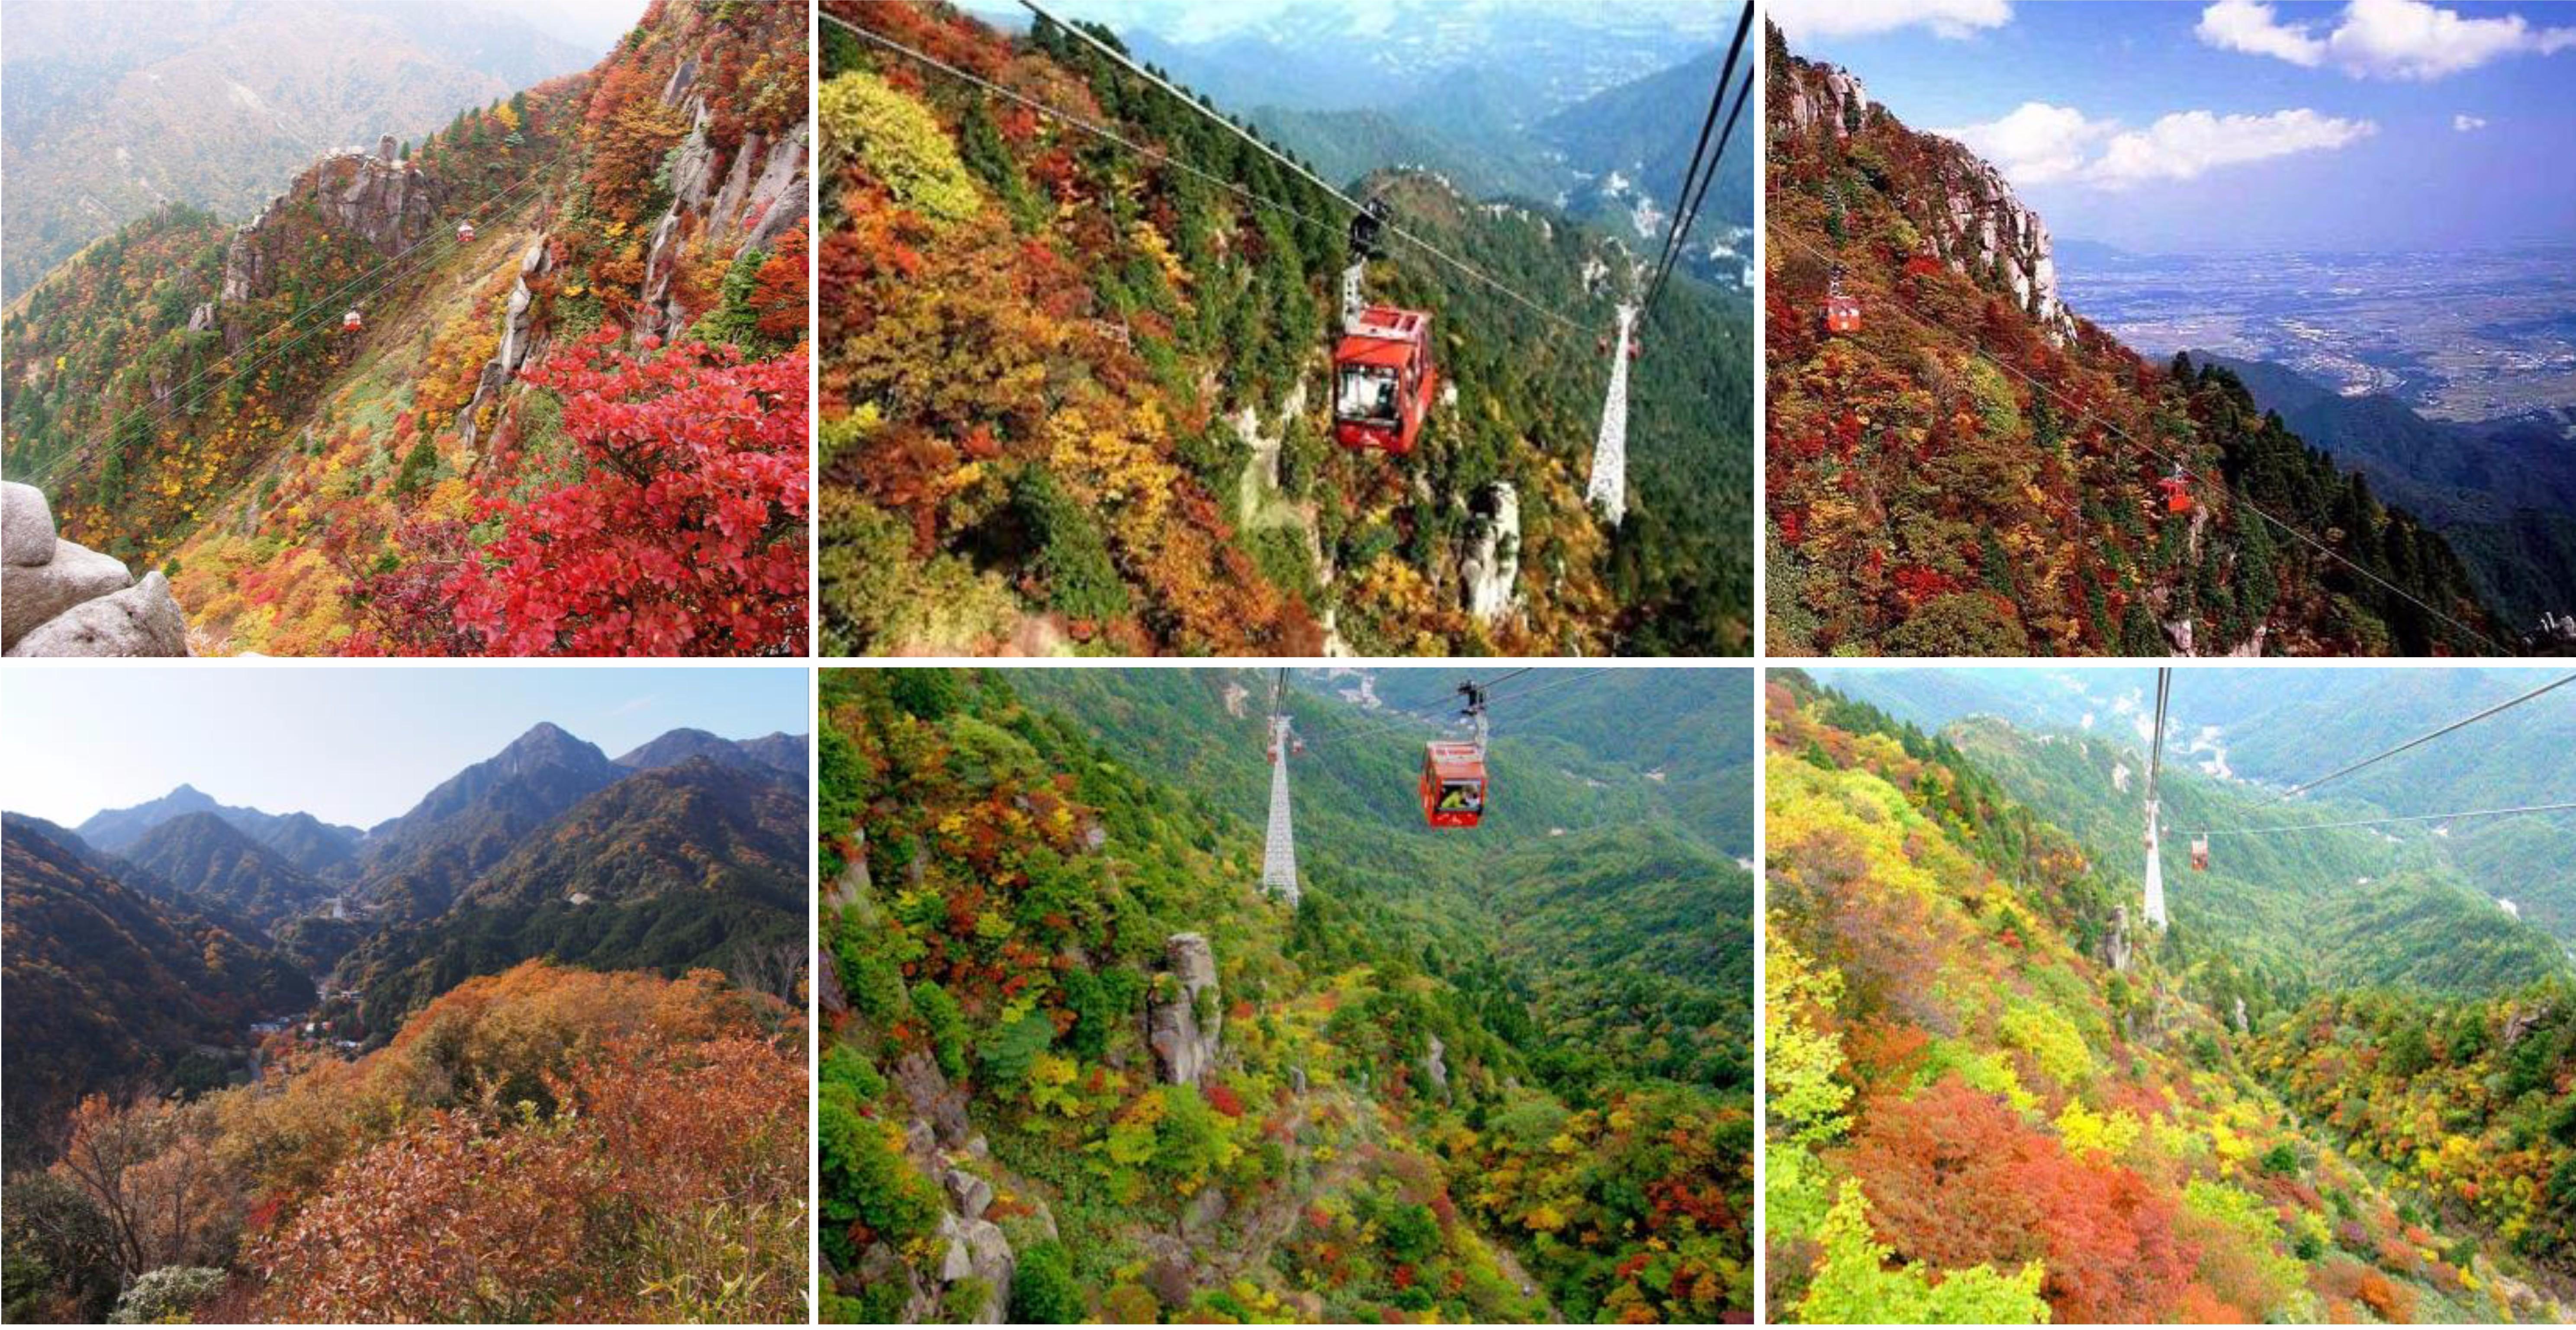 นาโงย่า – หมู่บ้านโอบาระ –  ชิกิซากุระ – รถไฟชินคันเซน – โอซาก้า – ย่านอุเมดะ - 2